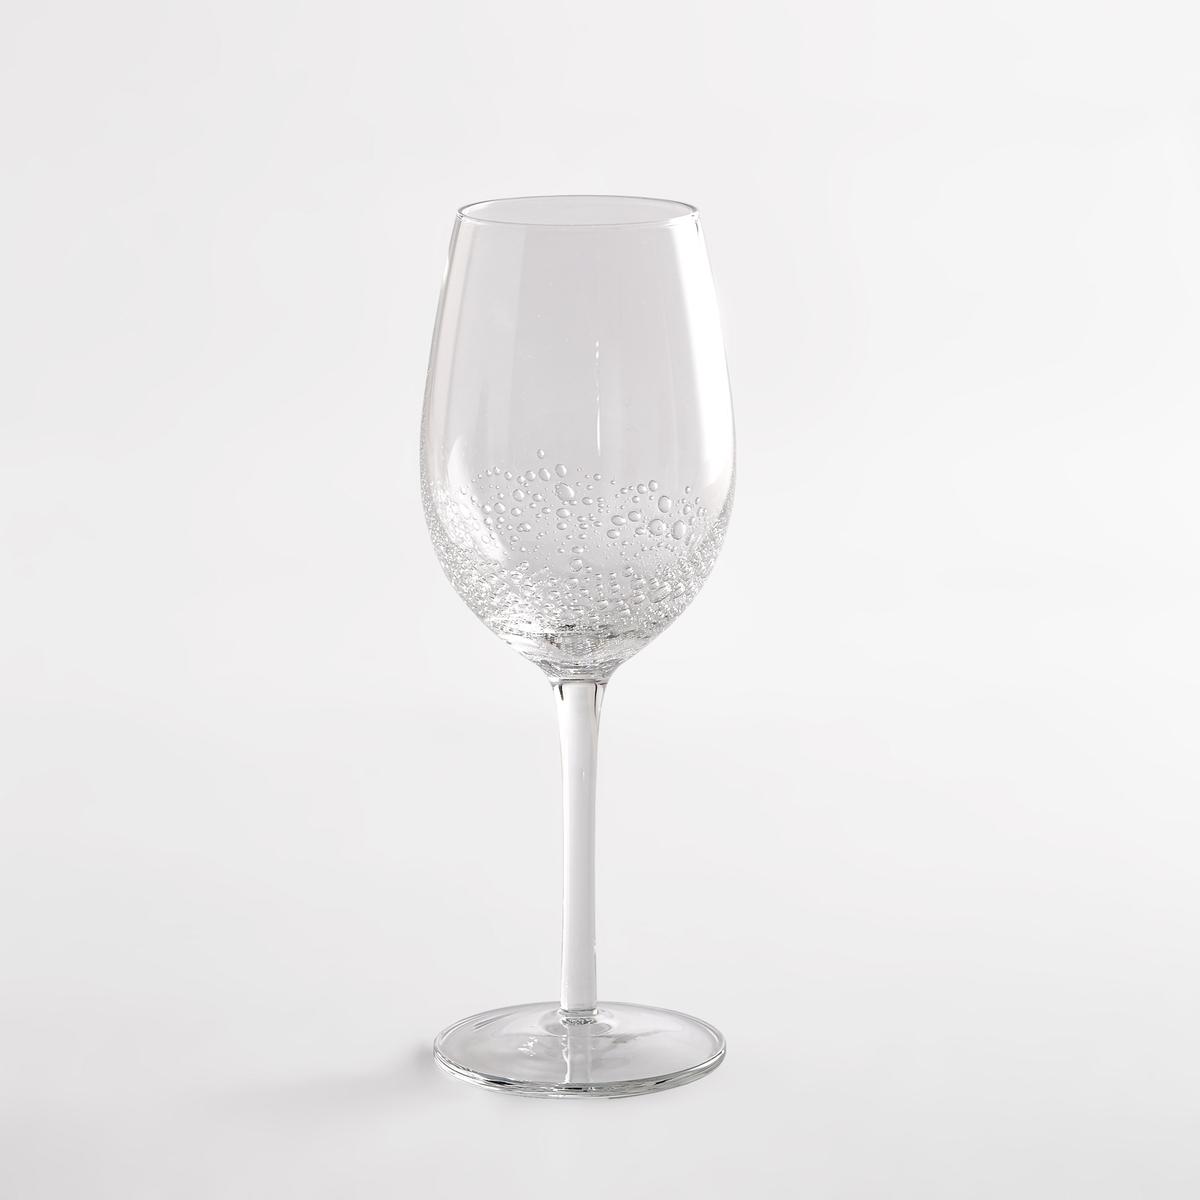 4 бокала под вино  GALIOОписание:4 бокала под вино с оригинальной иллюзорной инкрустацией стеклянных шариков в дно  .Описание бокалов GALIO :Комплект из 4 бокалов под вино с инкрустацией.   Размеры бокалов GALIO :Размеры : 6 x 7 см  Высота 21 см Уход :Подходят для использования в посудомоечной машине<br><br>Цвет: прозрачный